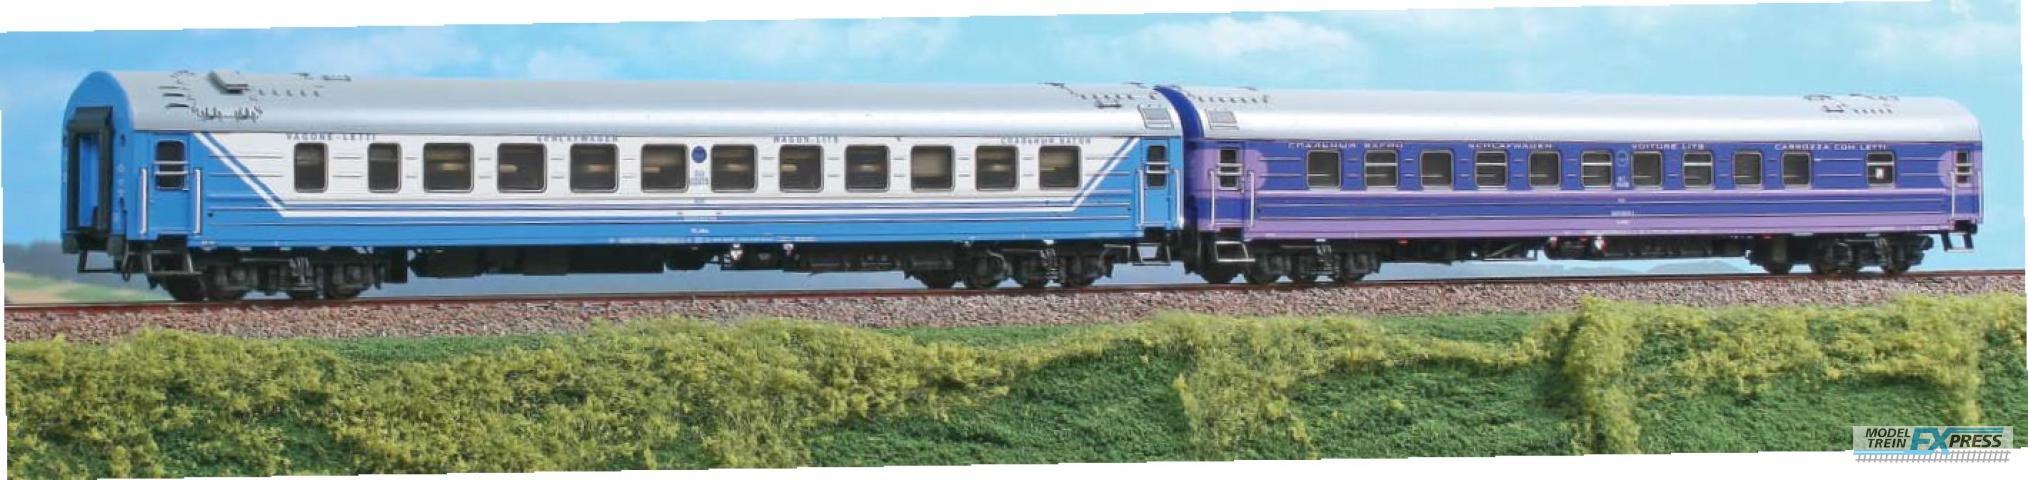 ACME 55152